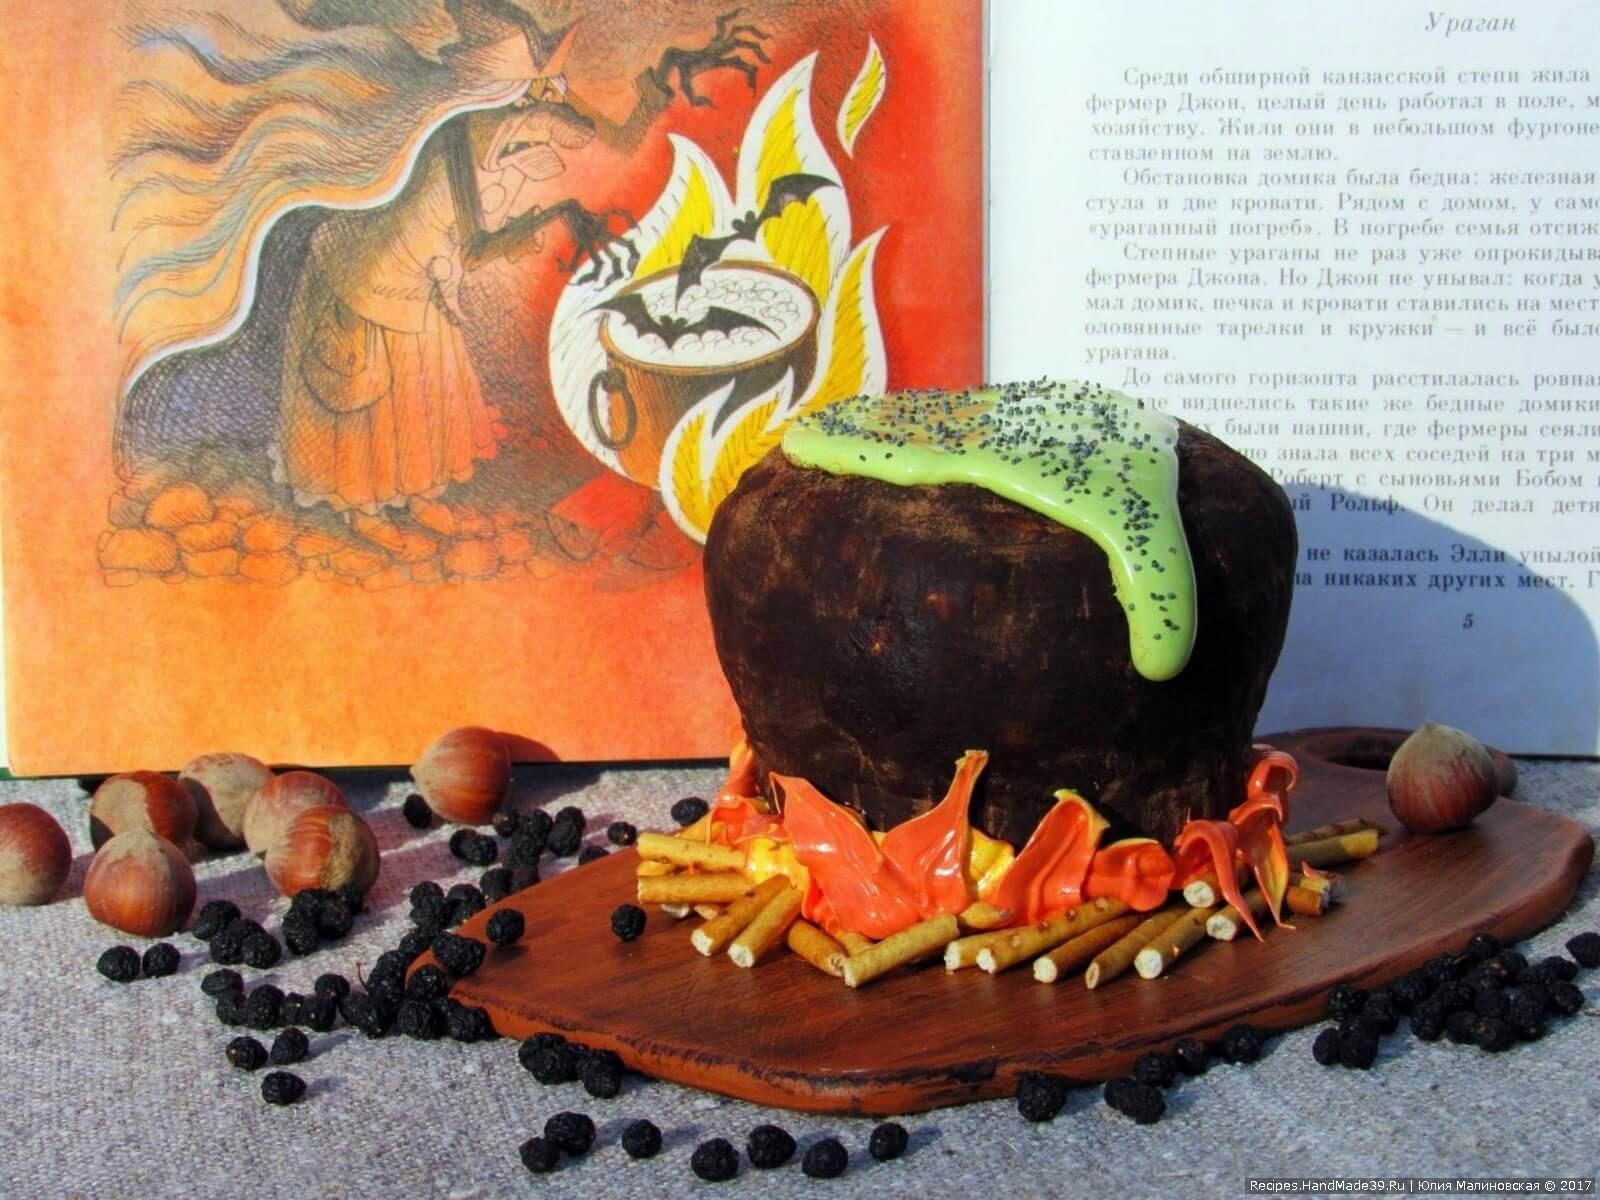 Наш волшебный чугунок для праздника готов, приятного аппетита!